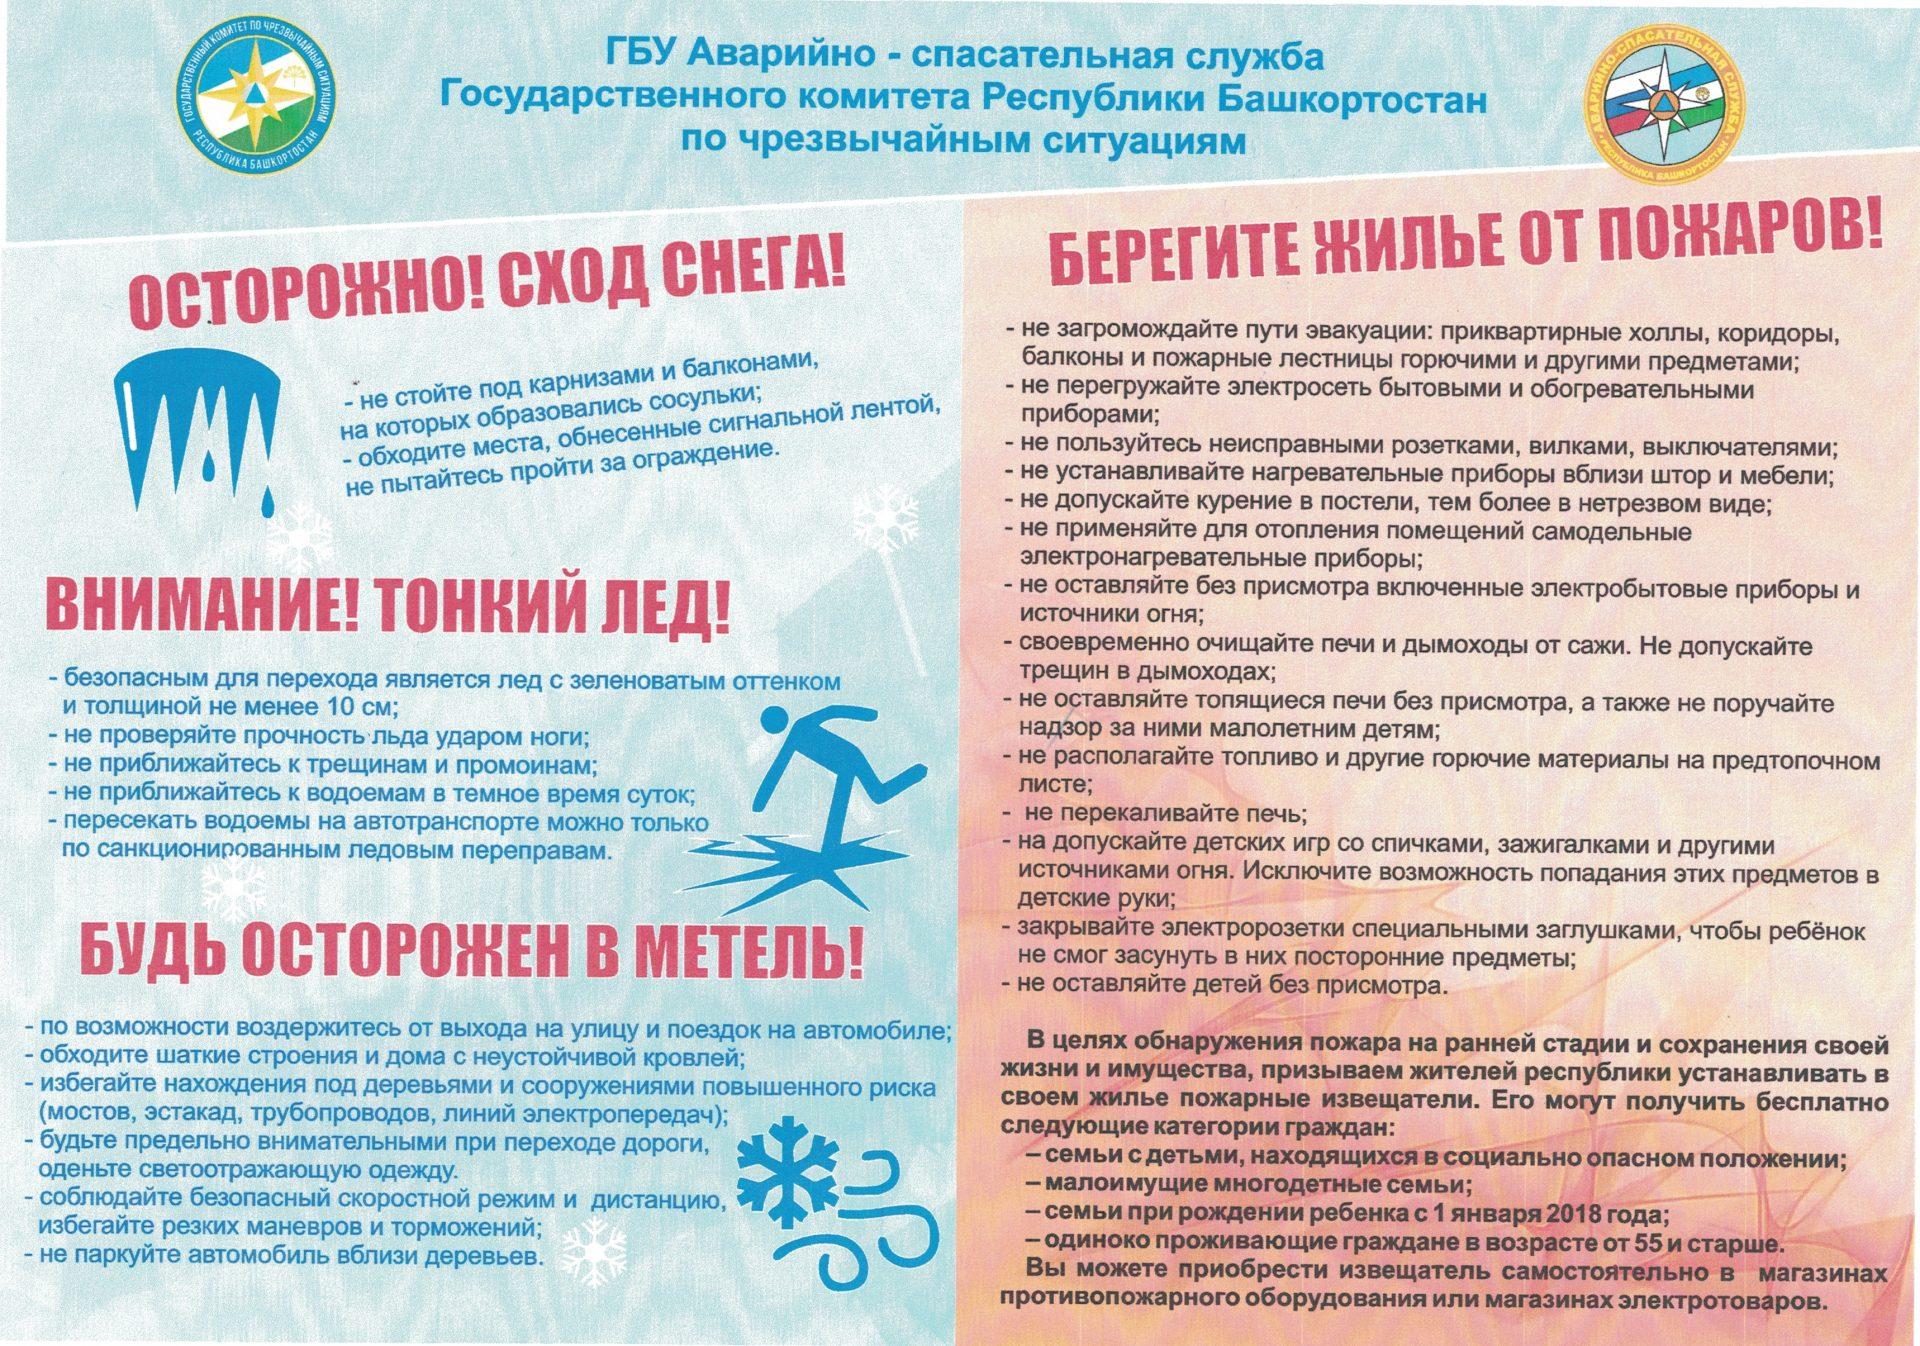 ГБУ Аварийно-спасательная служба Государственного комитета Республики Башкортостан по чрезвычайным ситуациям ПРЕДУПРЕЖДАЕТ